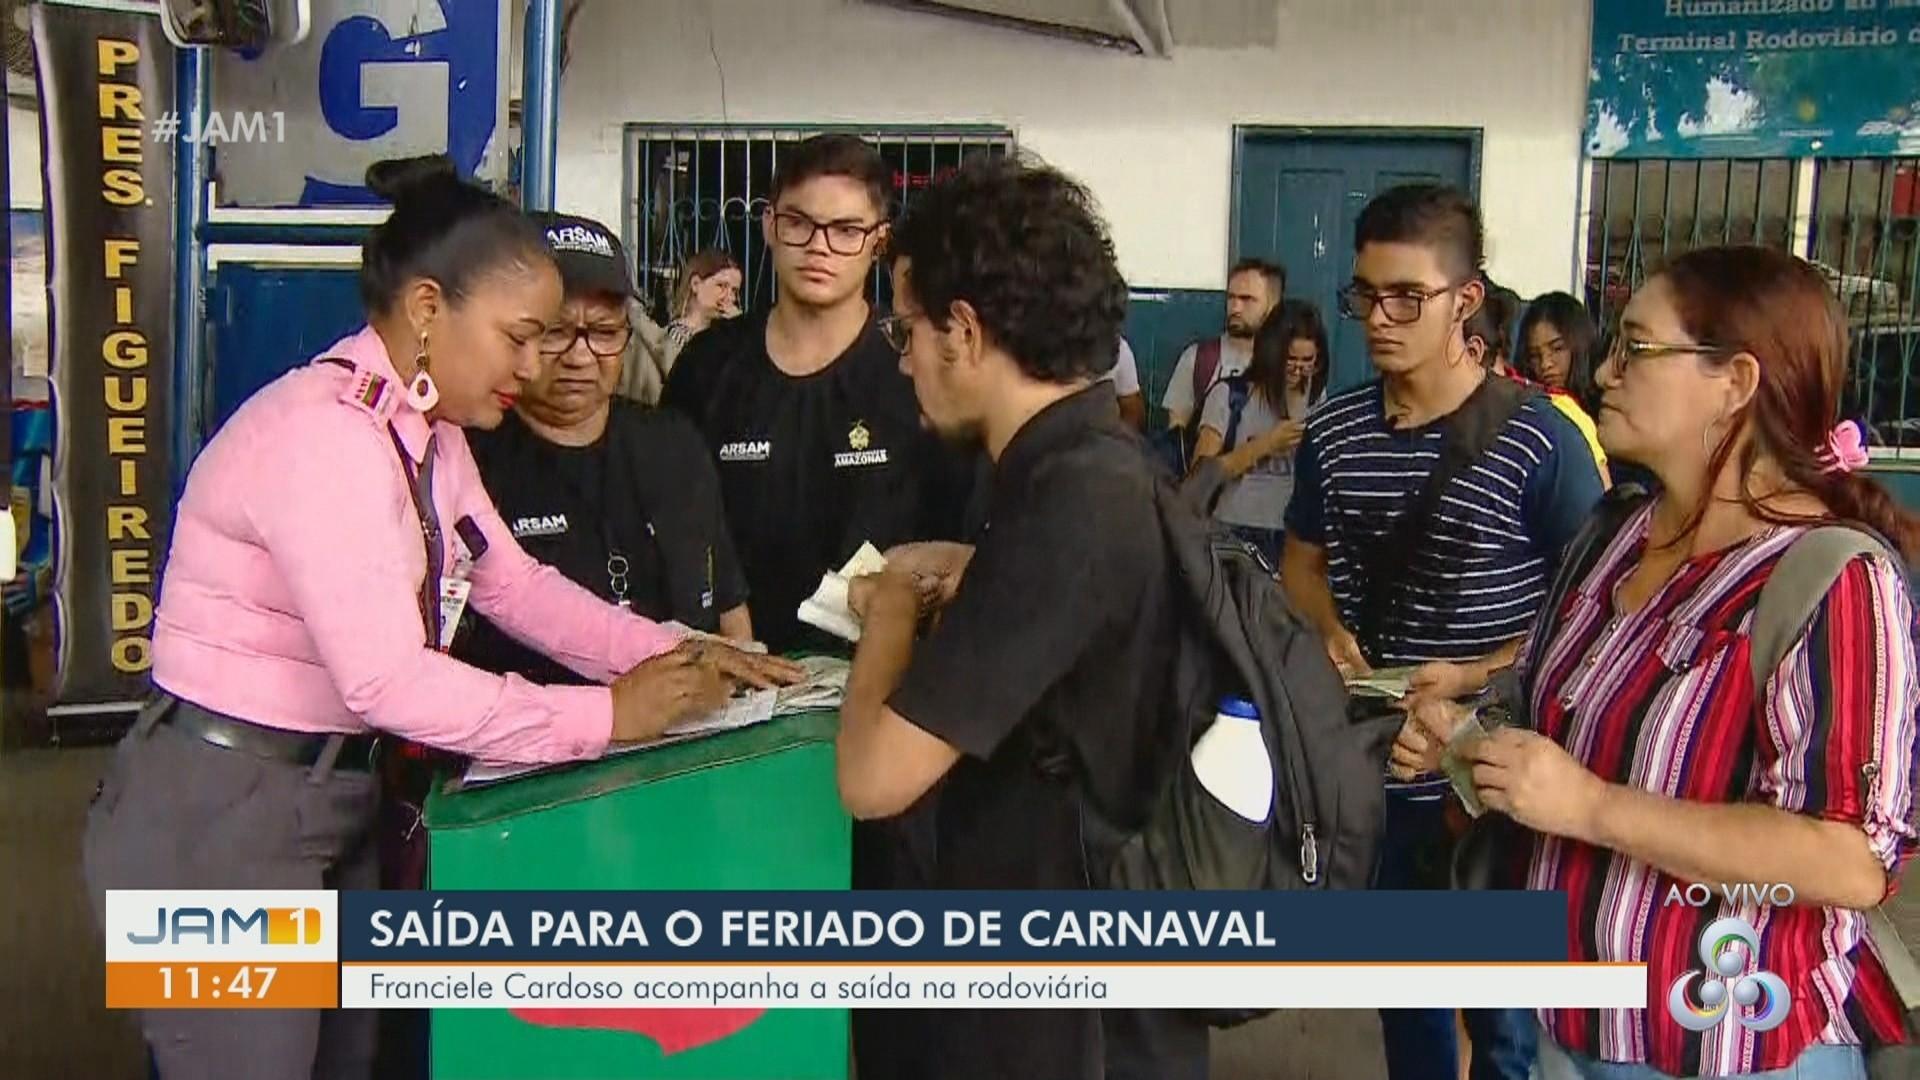 VÍDEOS: Presidente Figueiredo reforça segurança para 'Carnachoeira'; veja destaques do JAM 1